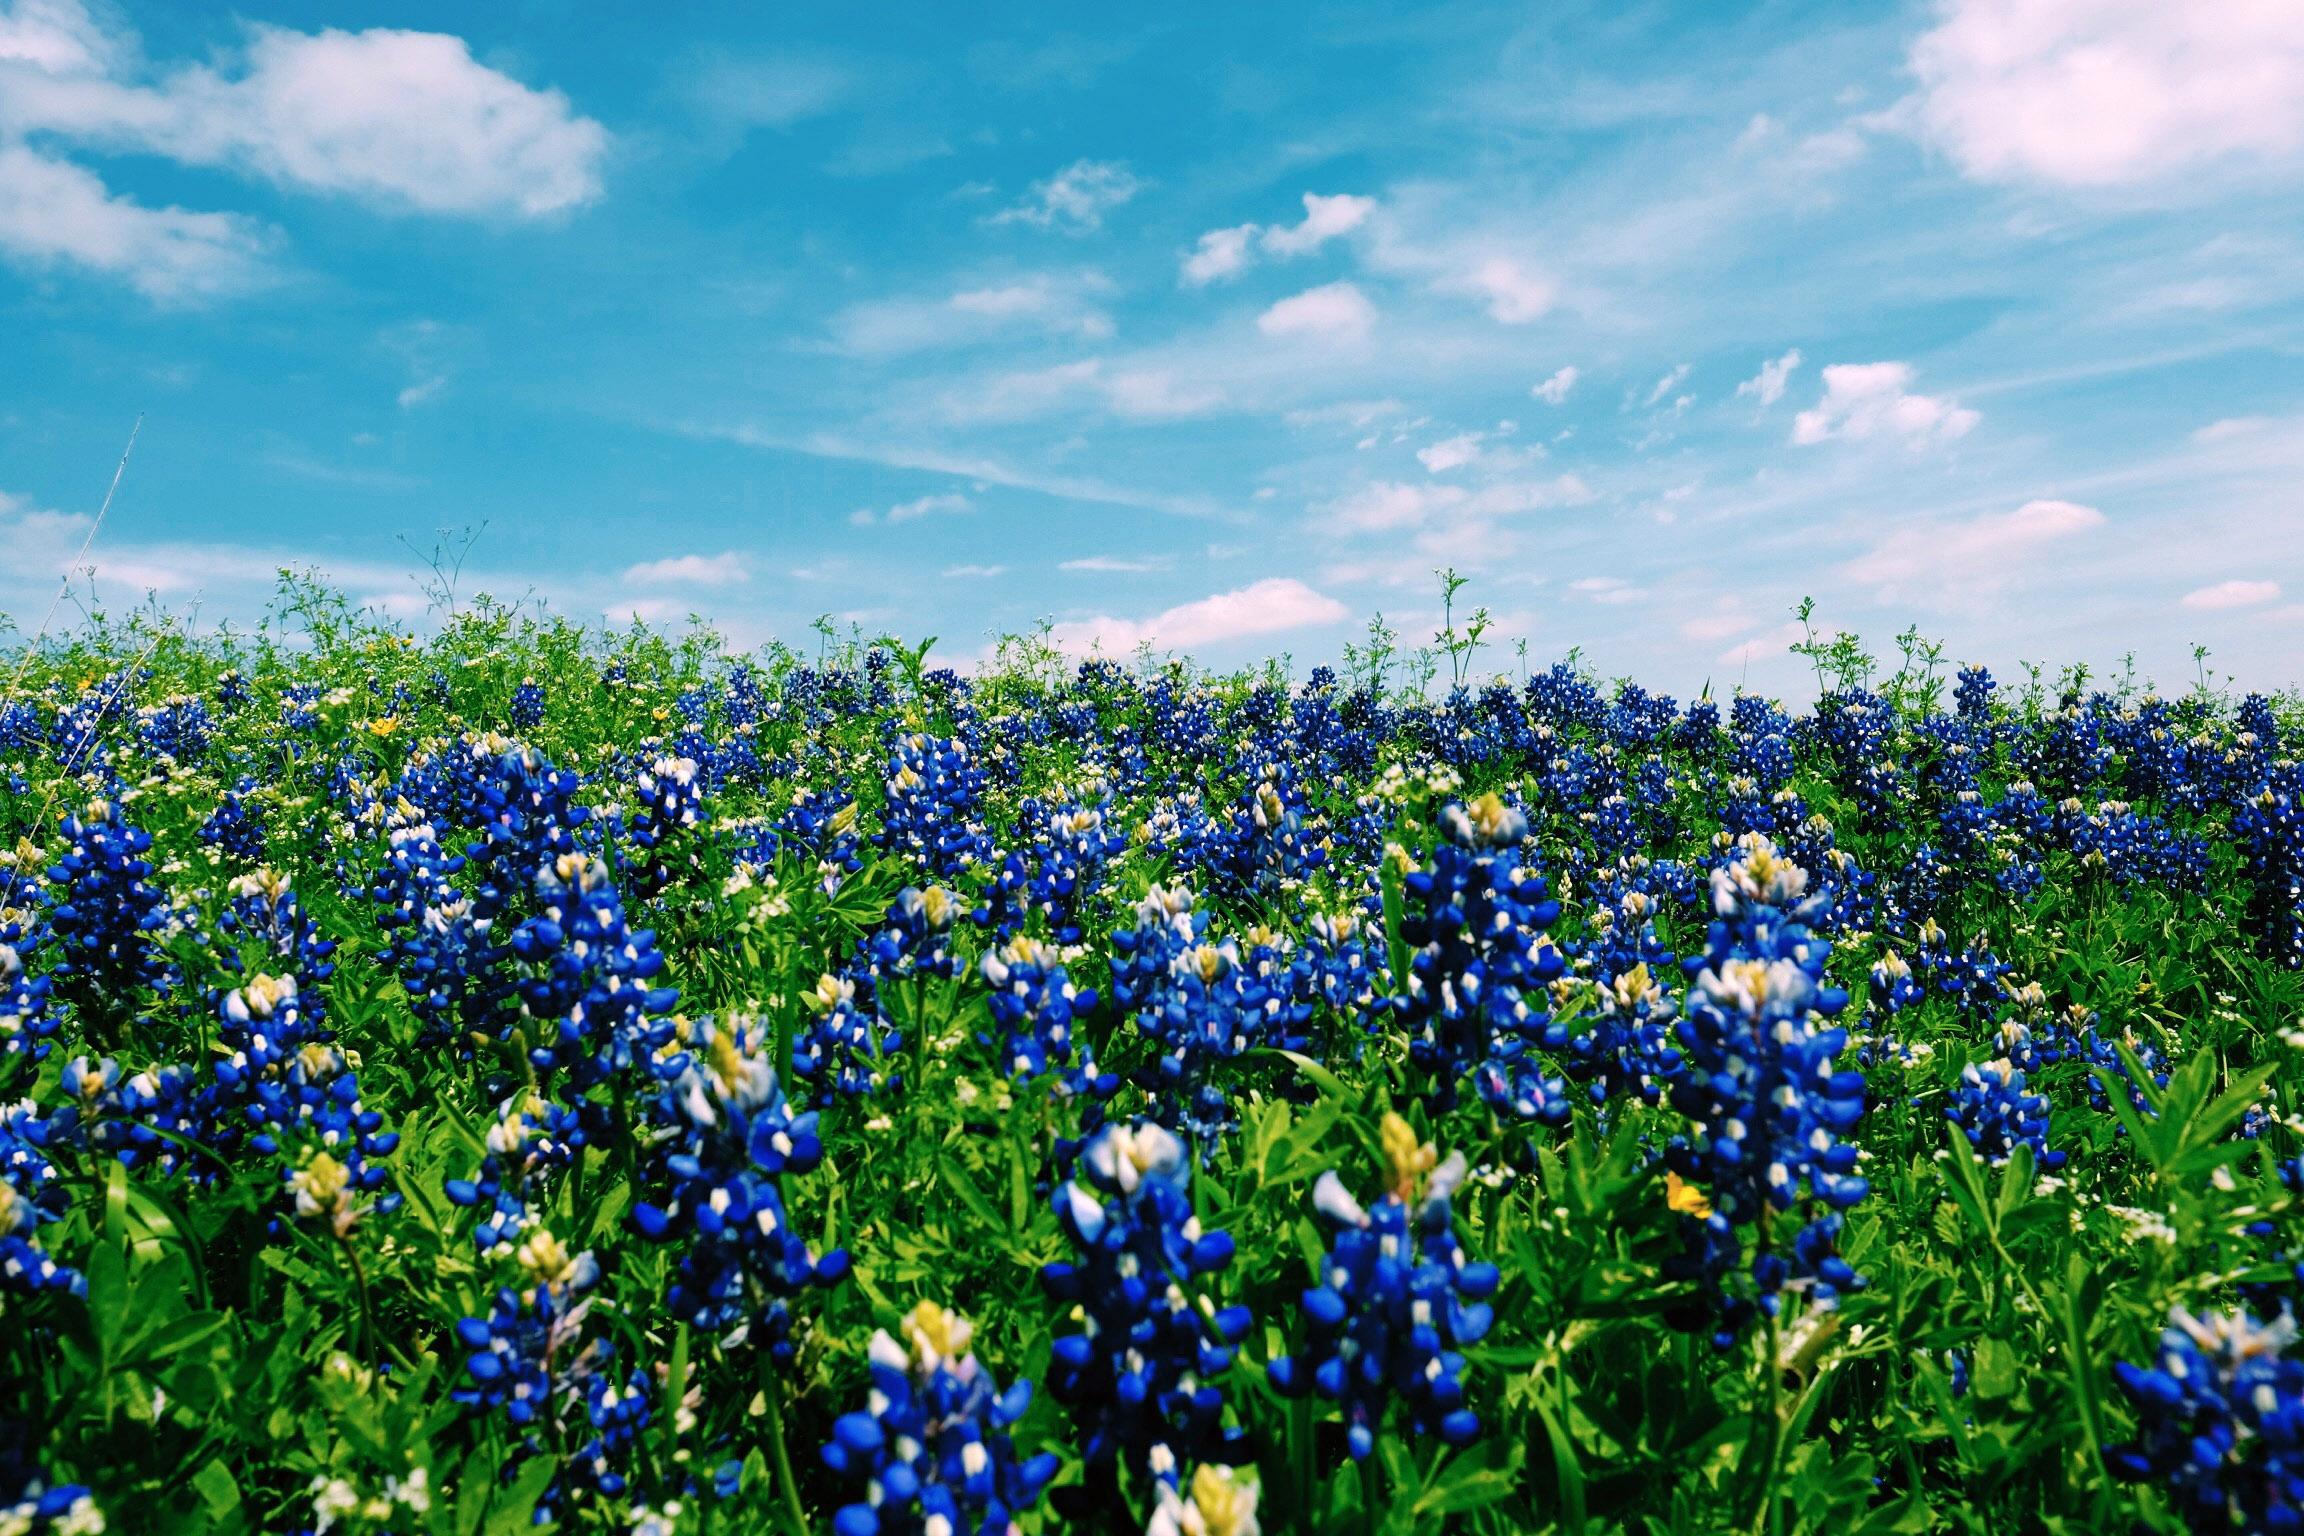 blue-flower-field-in-austin-texas.jpg